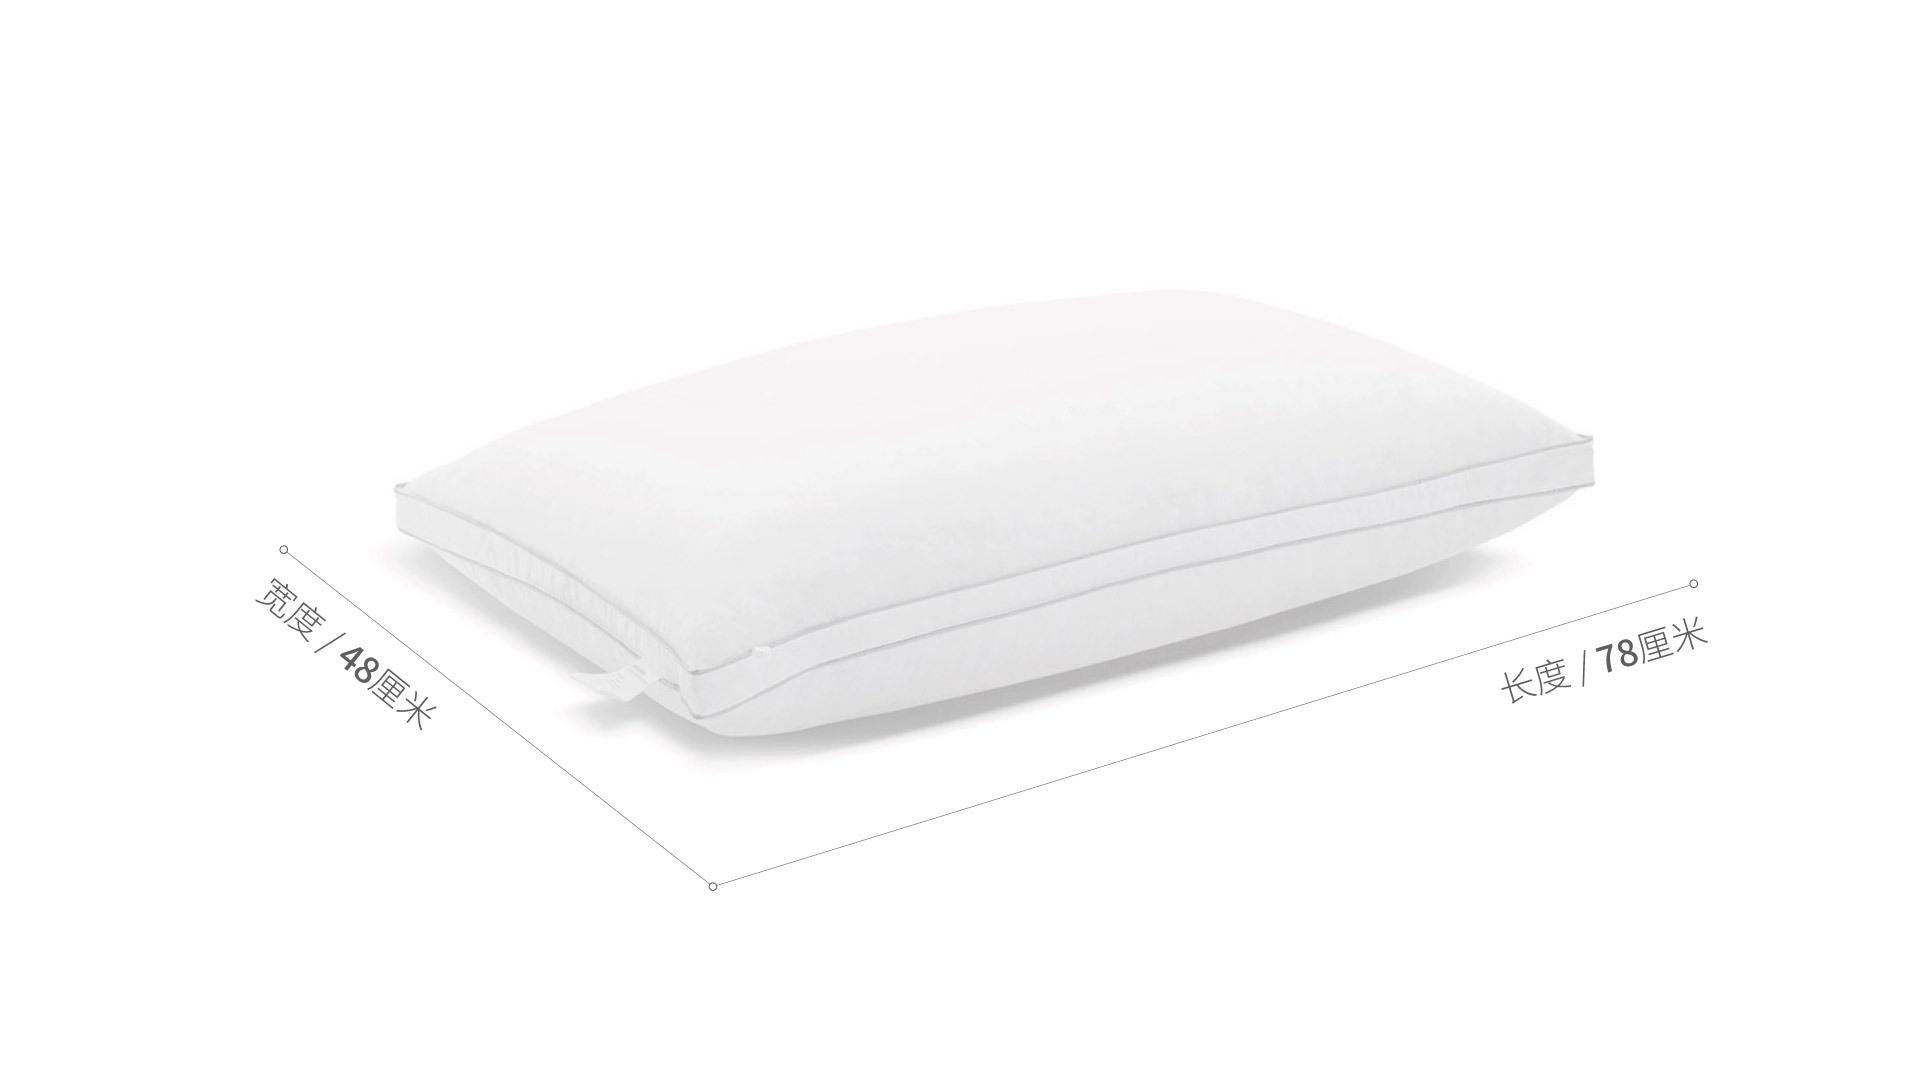 造作有眠白鸭绒轻羽枕芯™硬枕床·床具效果图